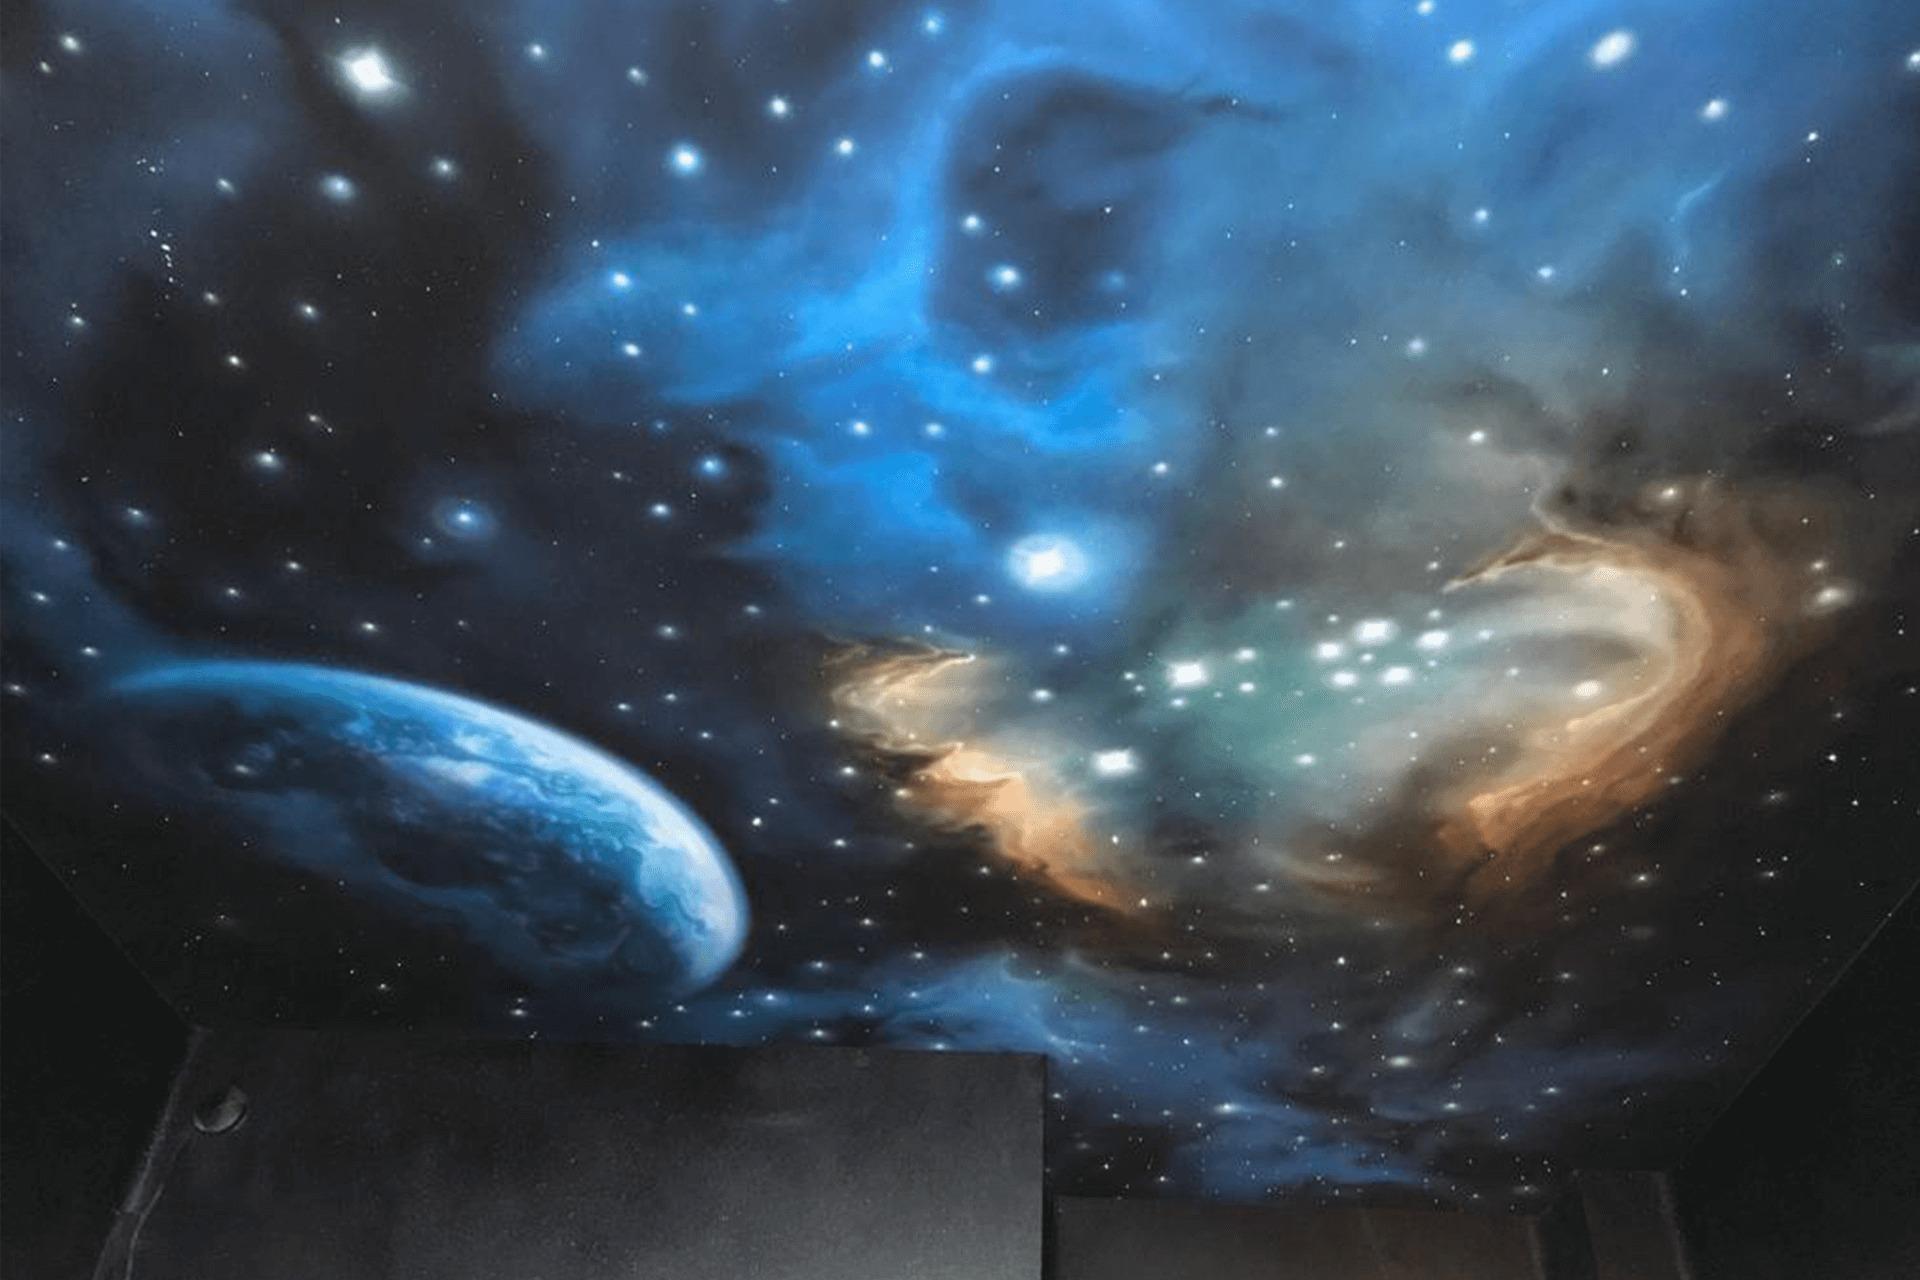 Натяжной потолок звёздное небо в комнате